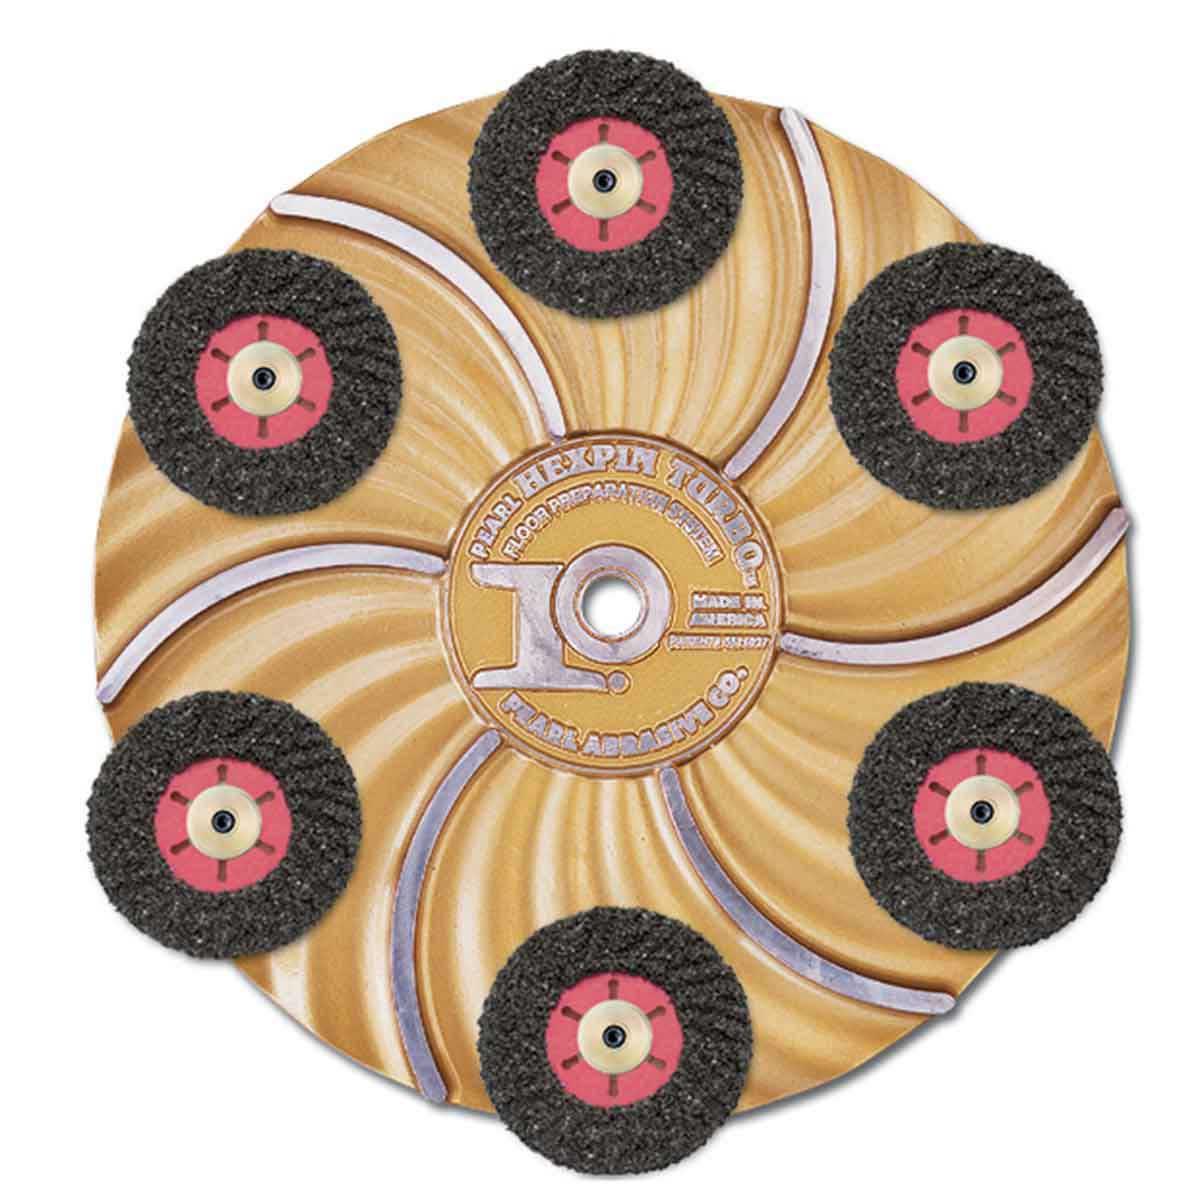 Pearl abrasive Turbo-cut disc